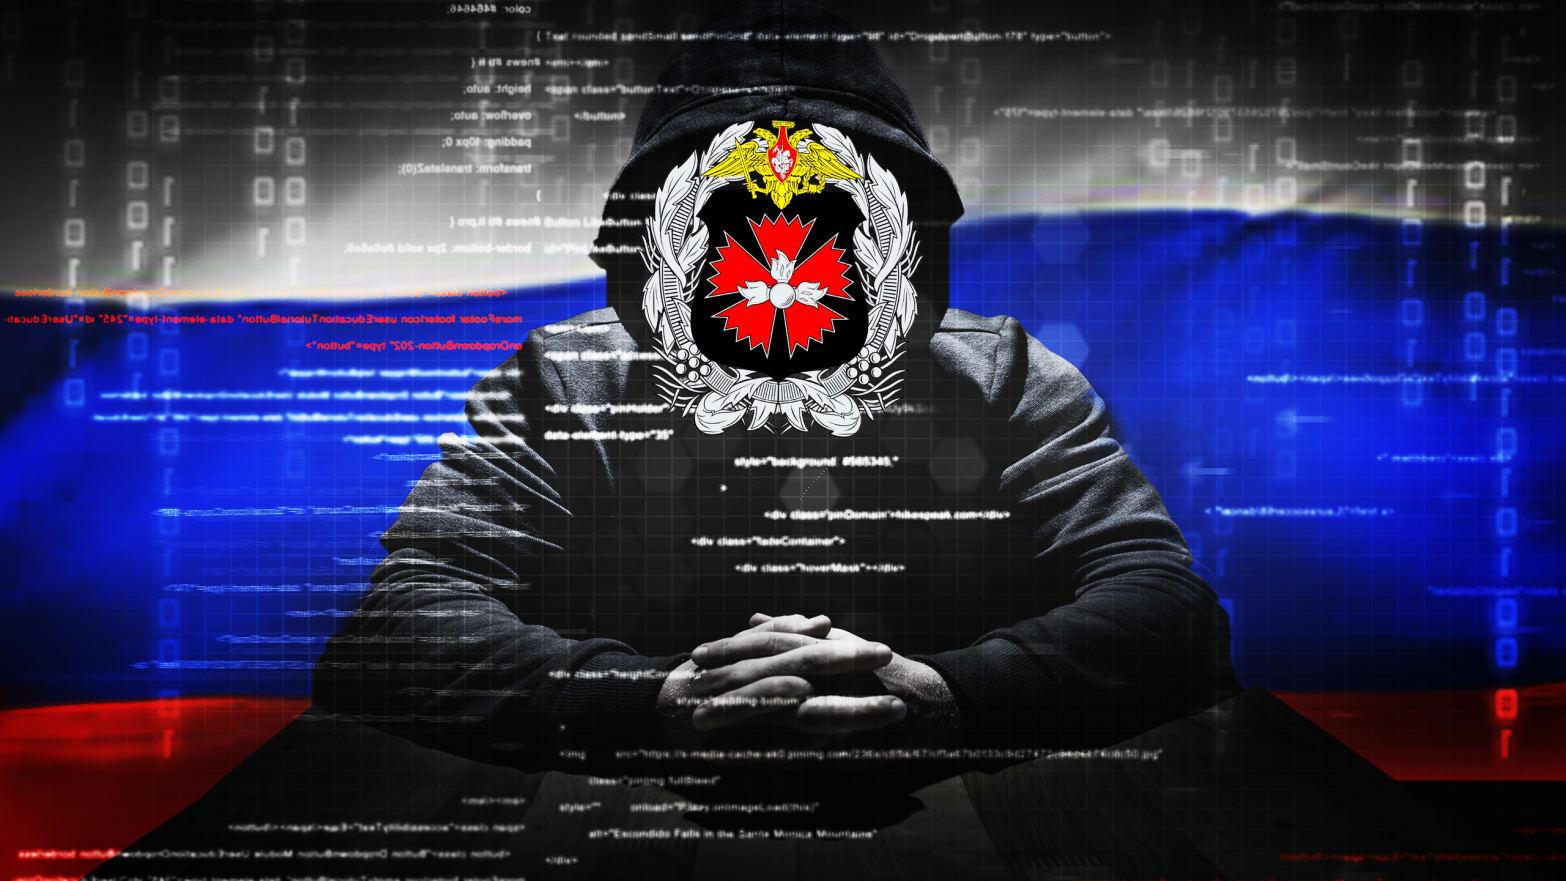 Ρωσική ΕΠΙΔΡΟΜΗ Hacking σε ΗΠΑ & Βρετανία